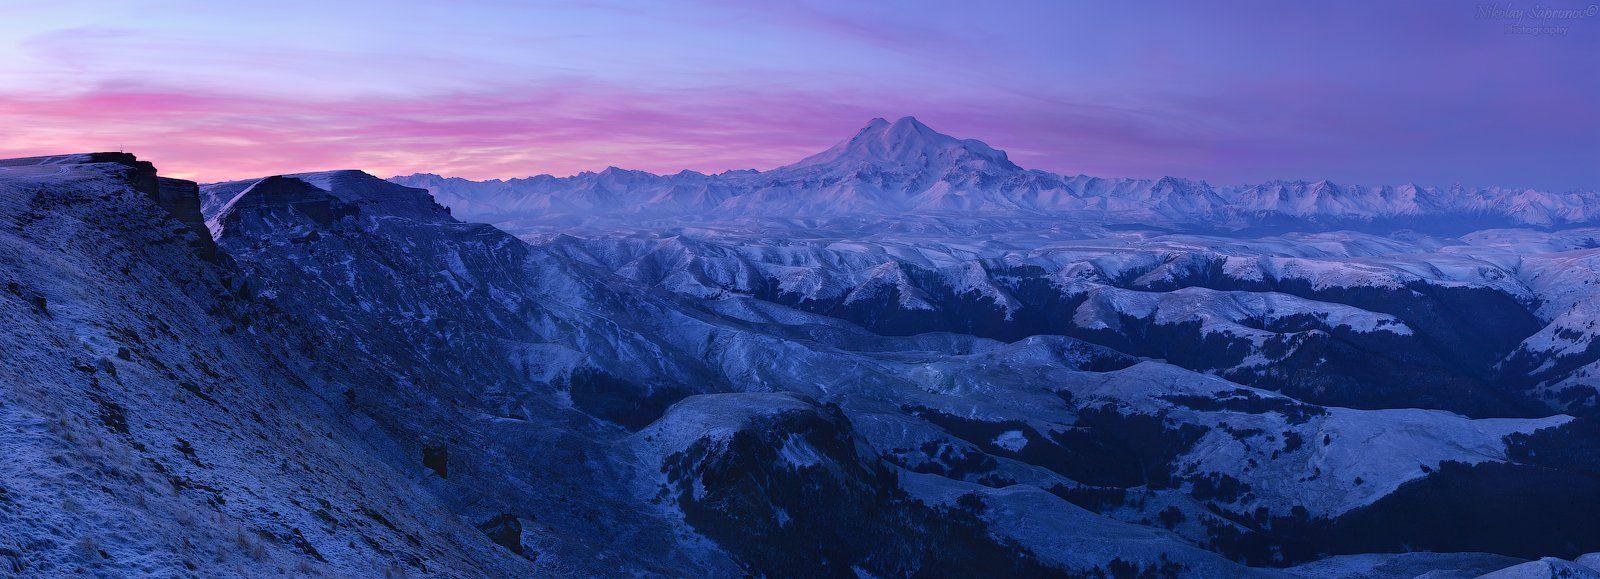 эльбрус, приэльбрусье, elbrus, горы, горный ландшафт, горный пейзаж, кавказ, северный кавказ, бермамыт, кчр, карачаево-черкессия, рассвет, первый снег, панорама, Николай Сапронов